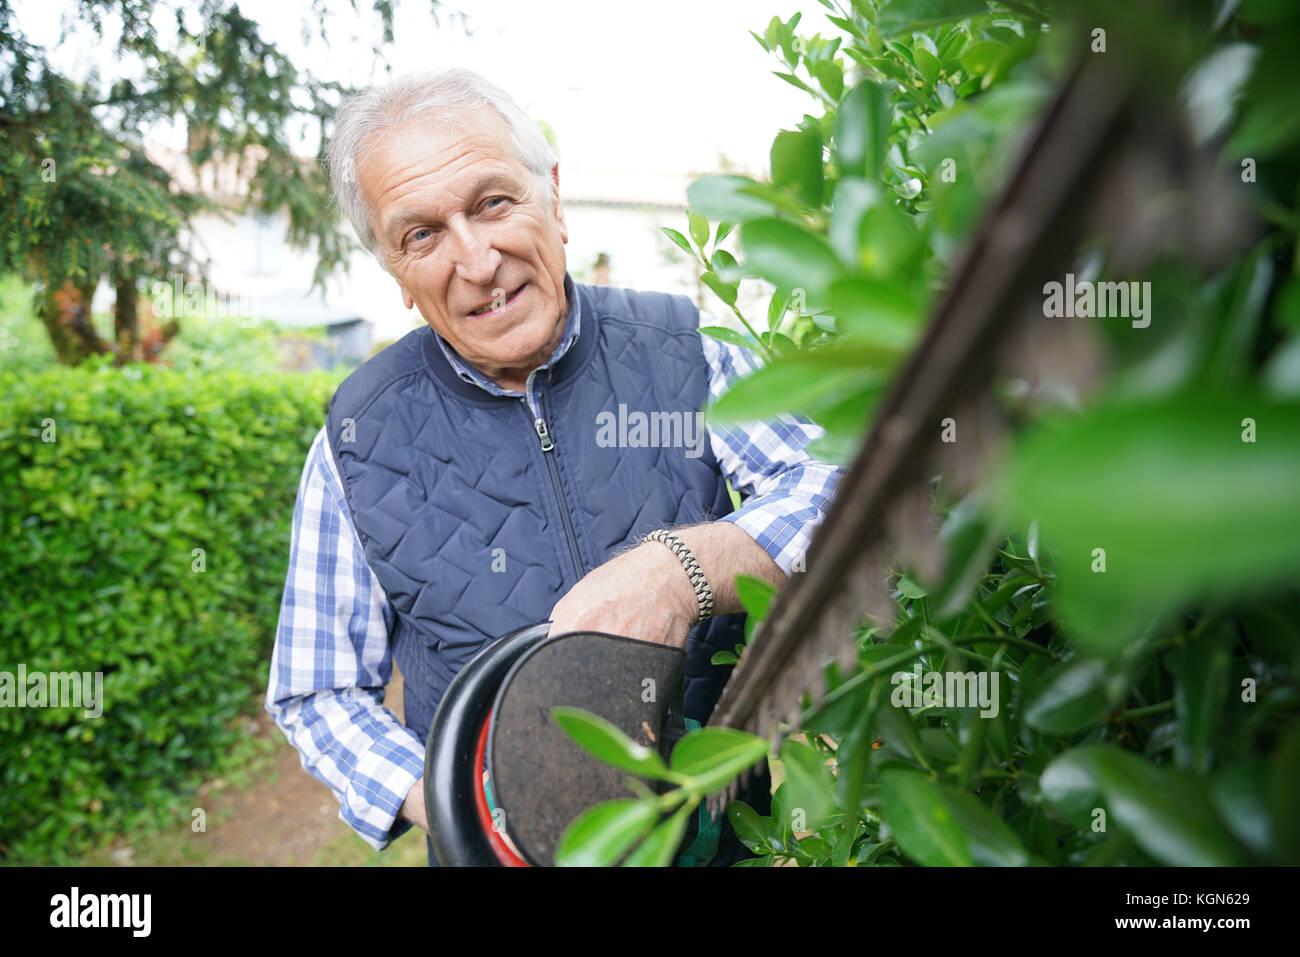 Ältere Menschen mit Heckenschere Stockbild